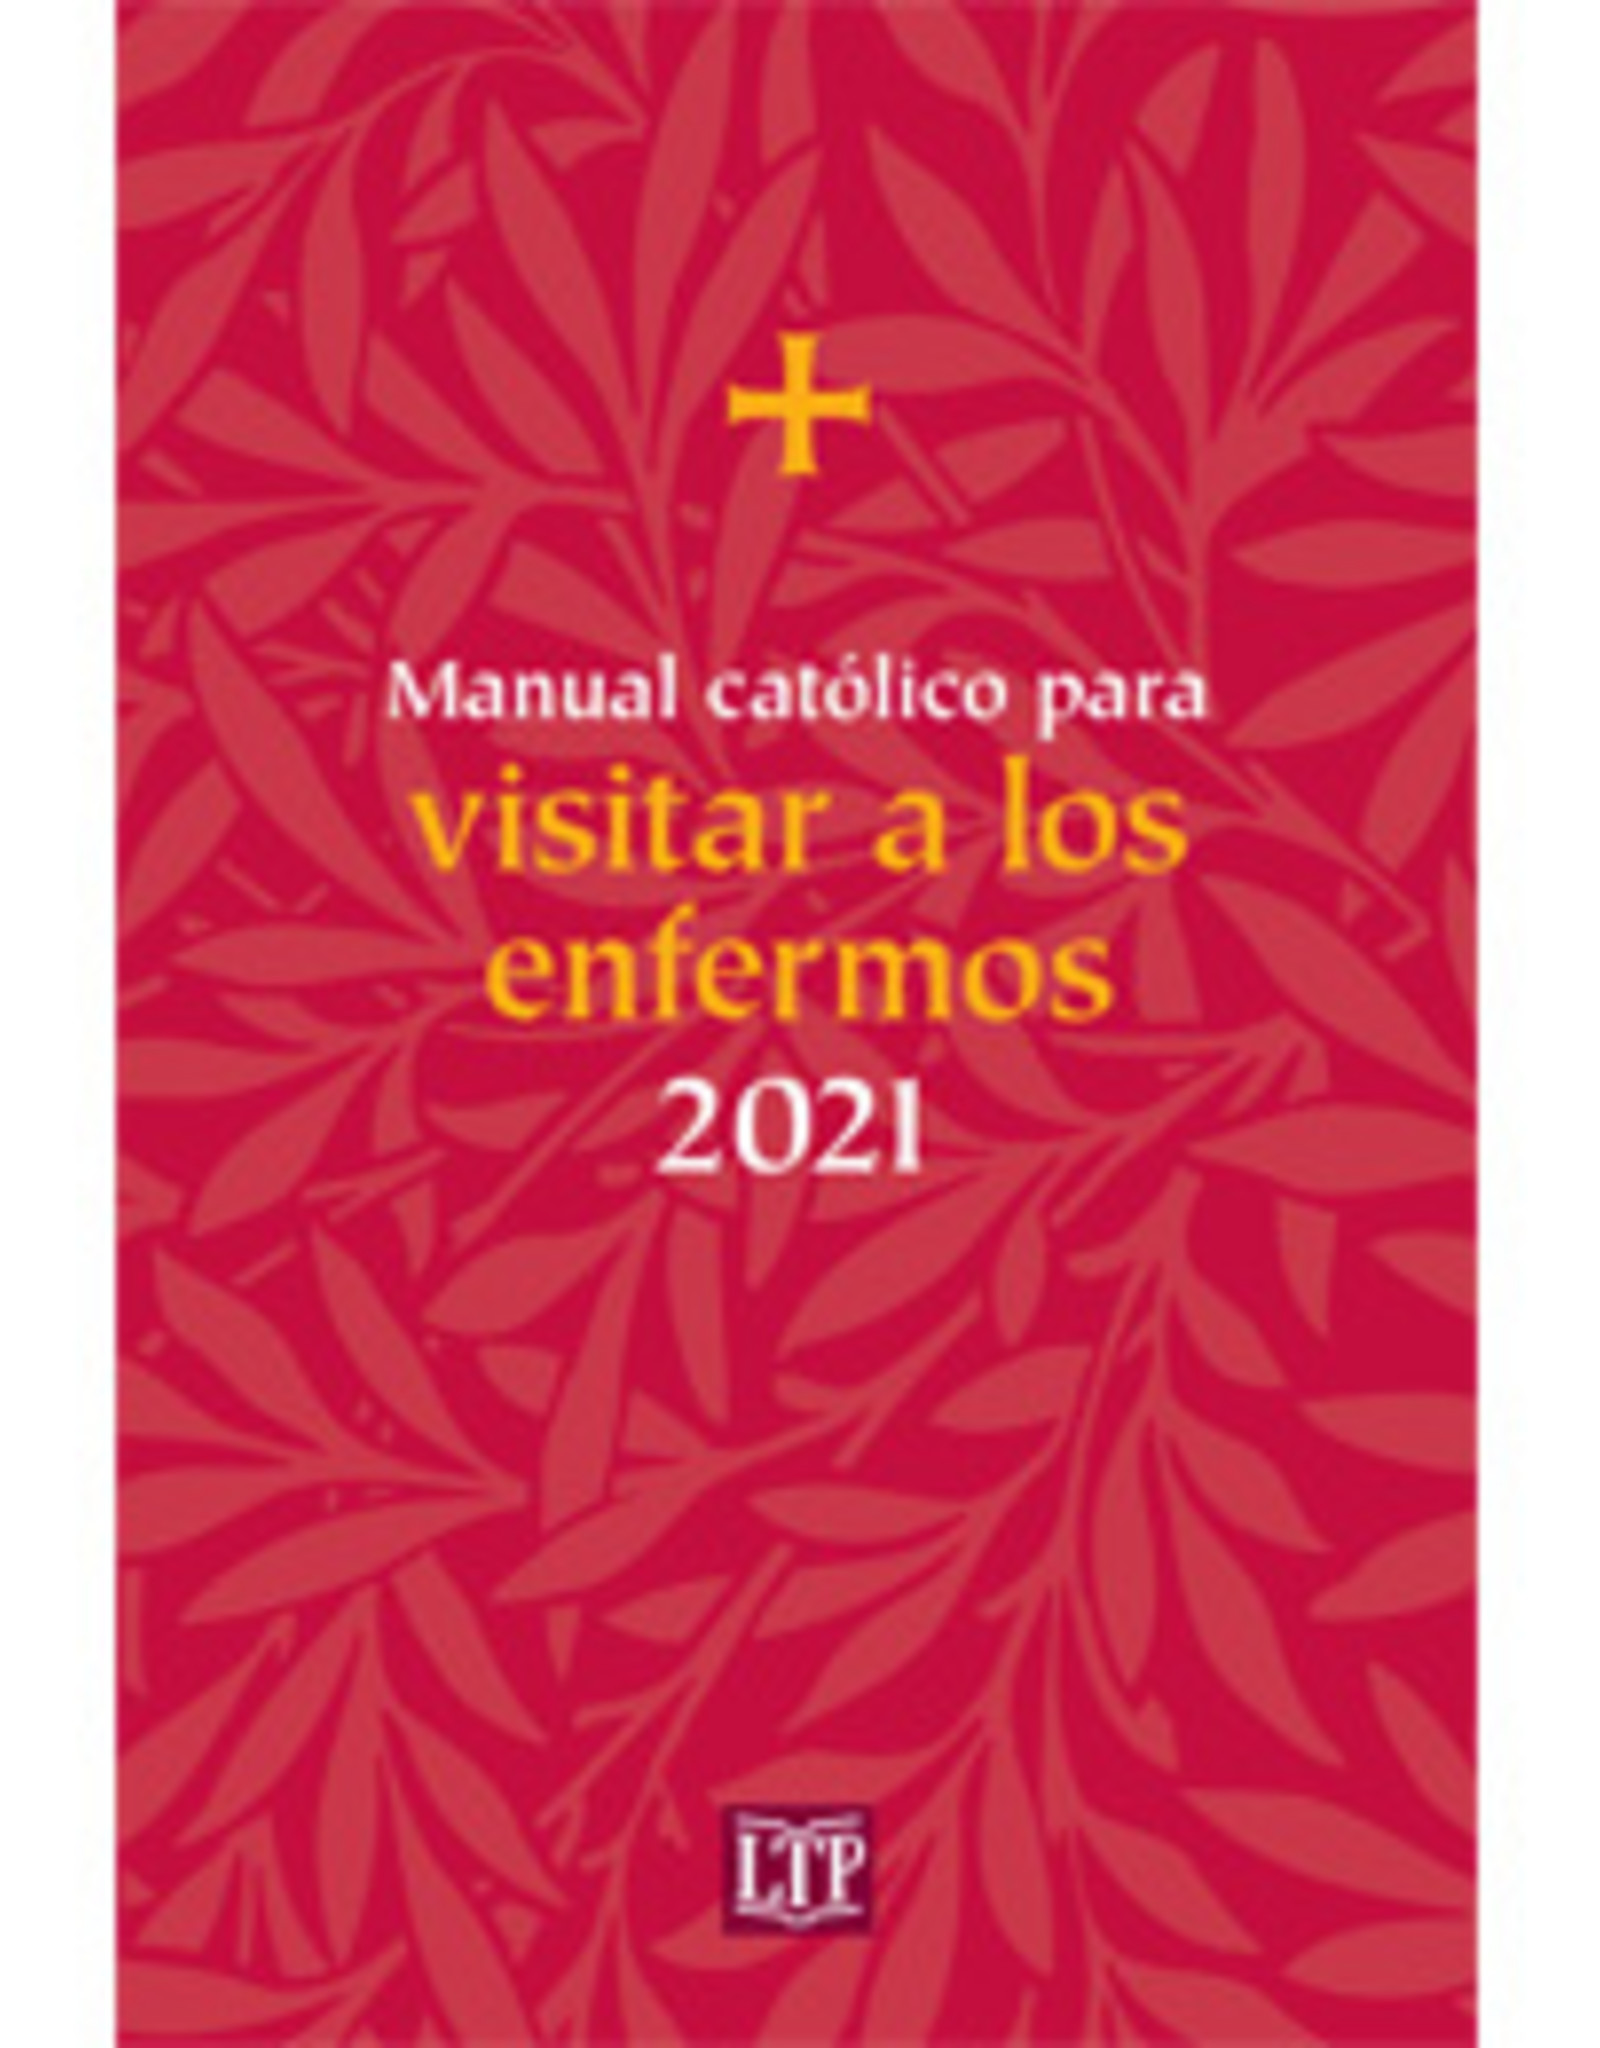 2021 MANUAL CATOLICO VISITAR ENF